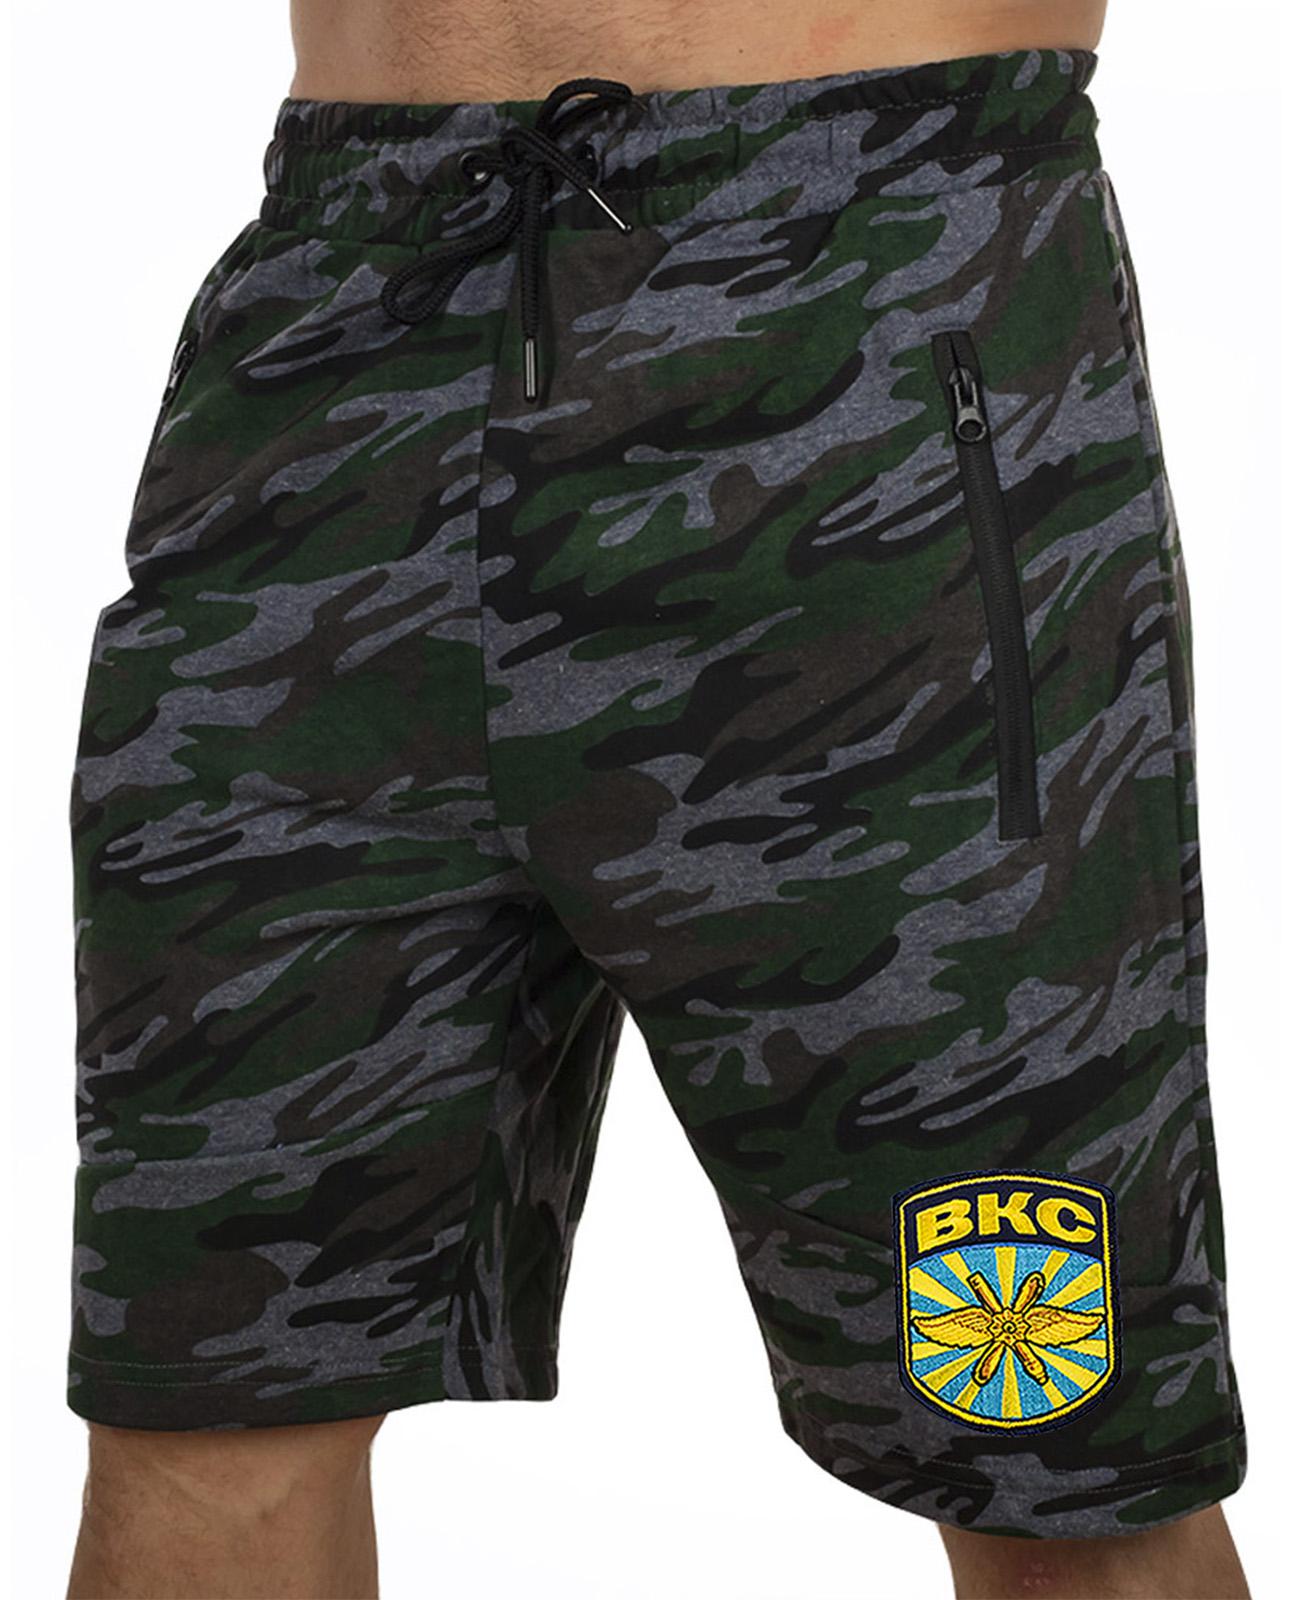 Купить армейские темные шорты с нашивкой ВКС в подарок любимому